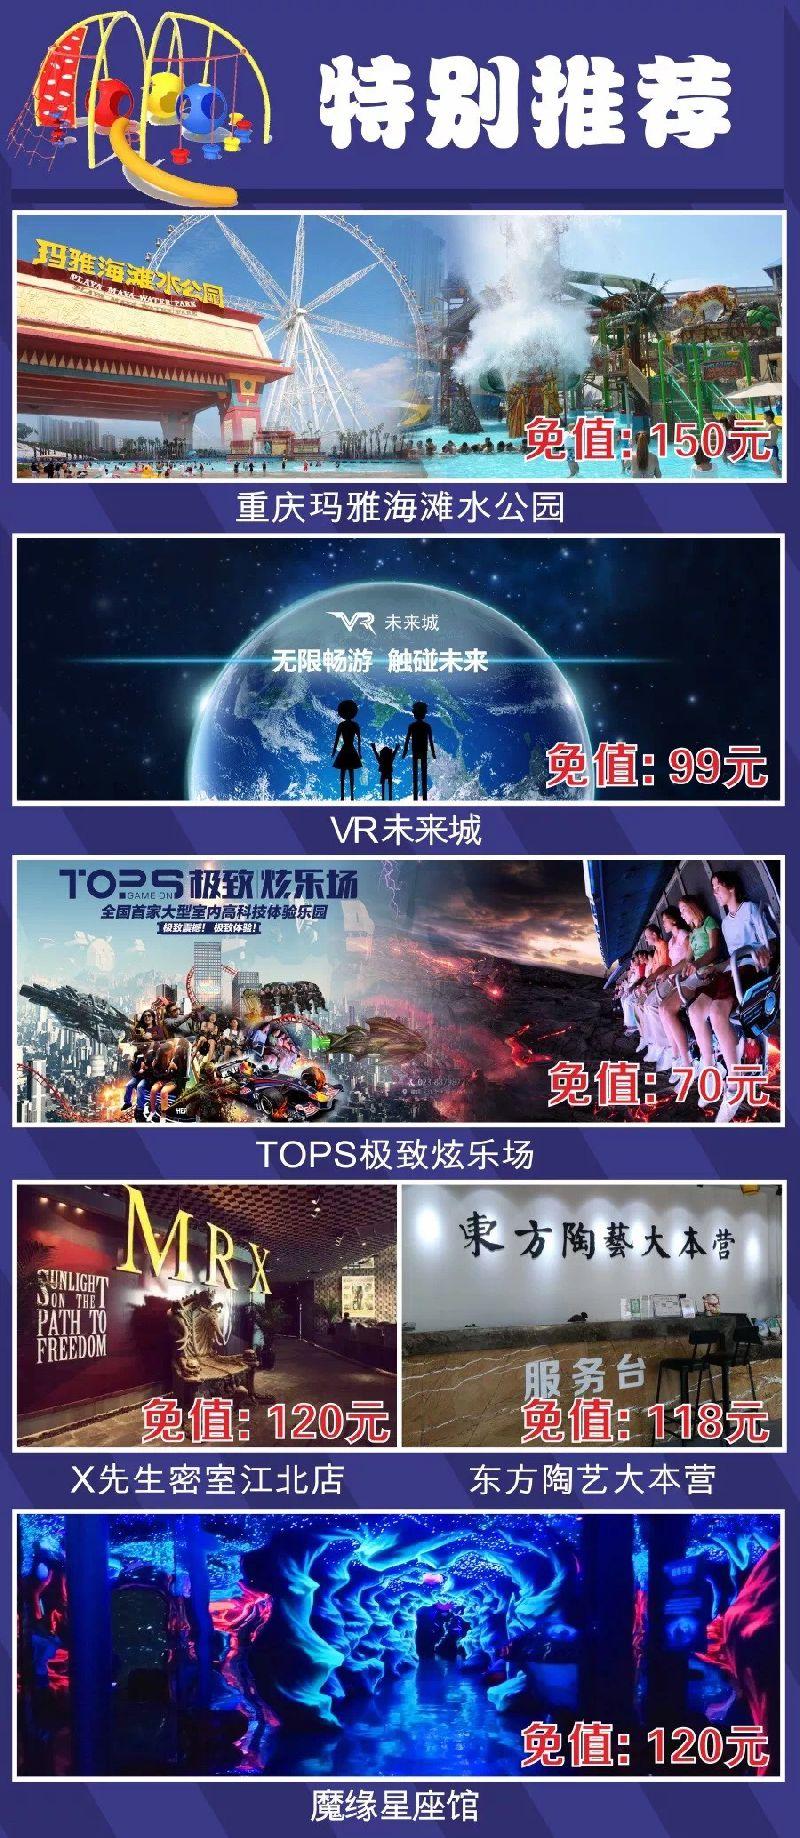 2018重庆旅游年票夏季版有哪些景点?